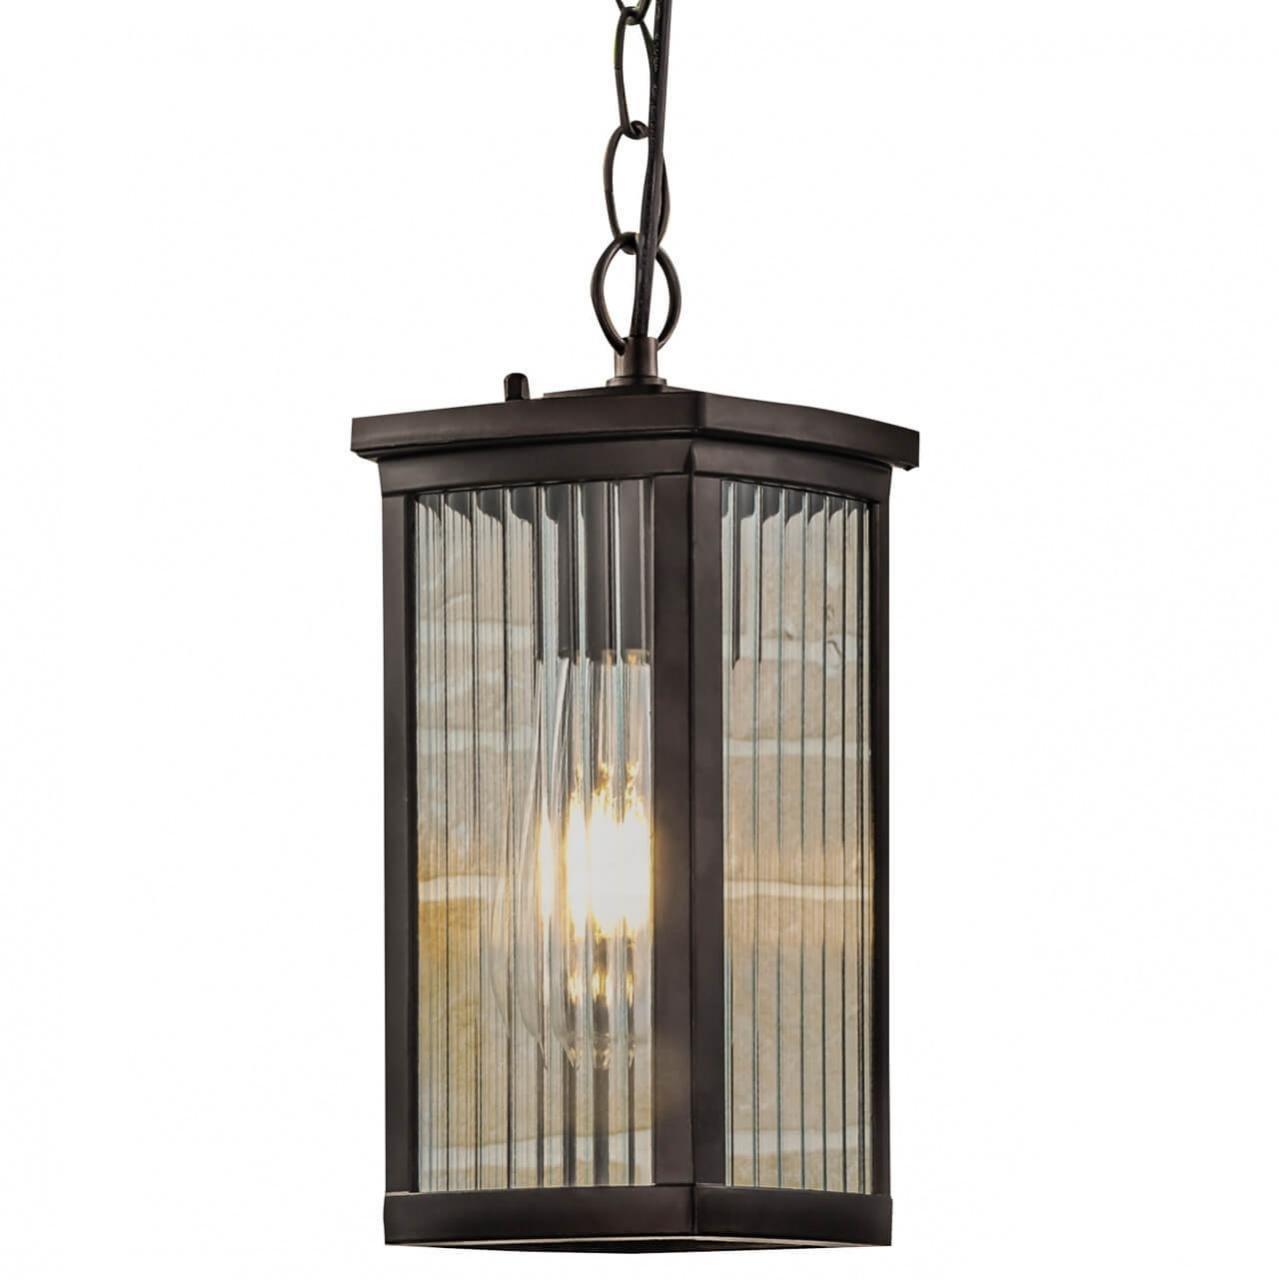 Уличный подвесной светильник Elektrostandard Lame H кофе GL 1006H 4690389148392.